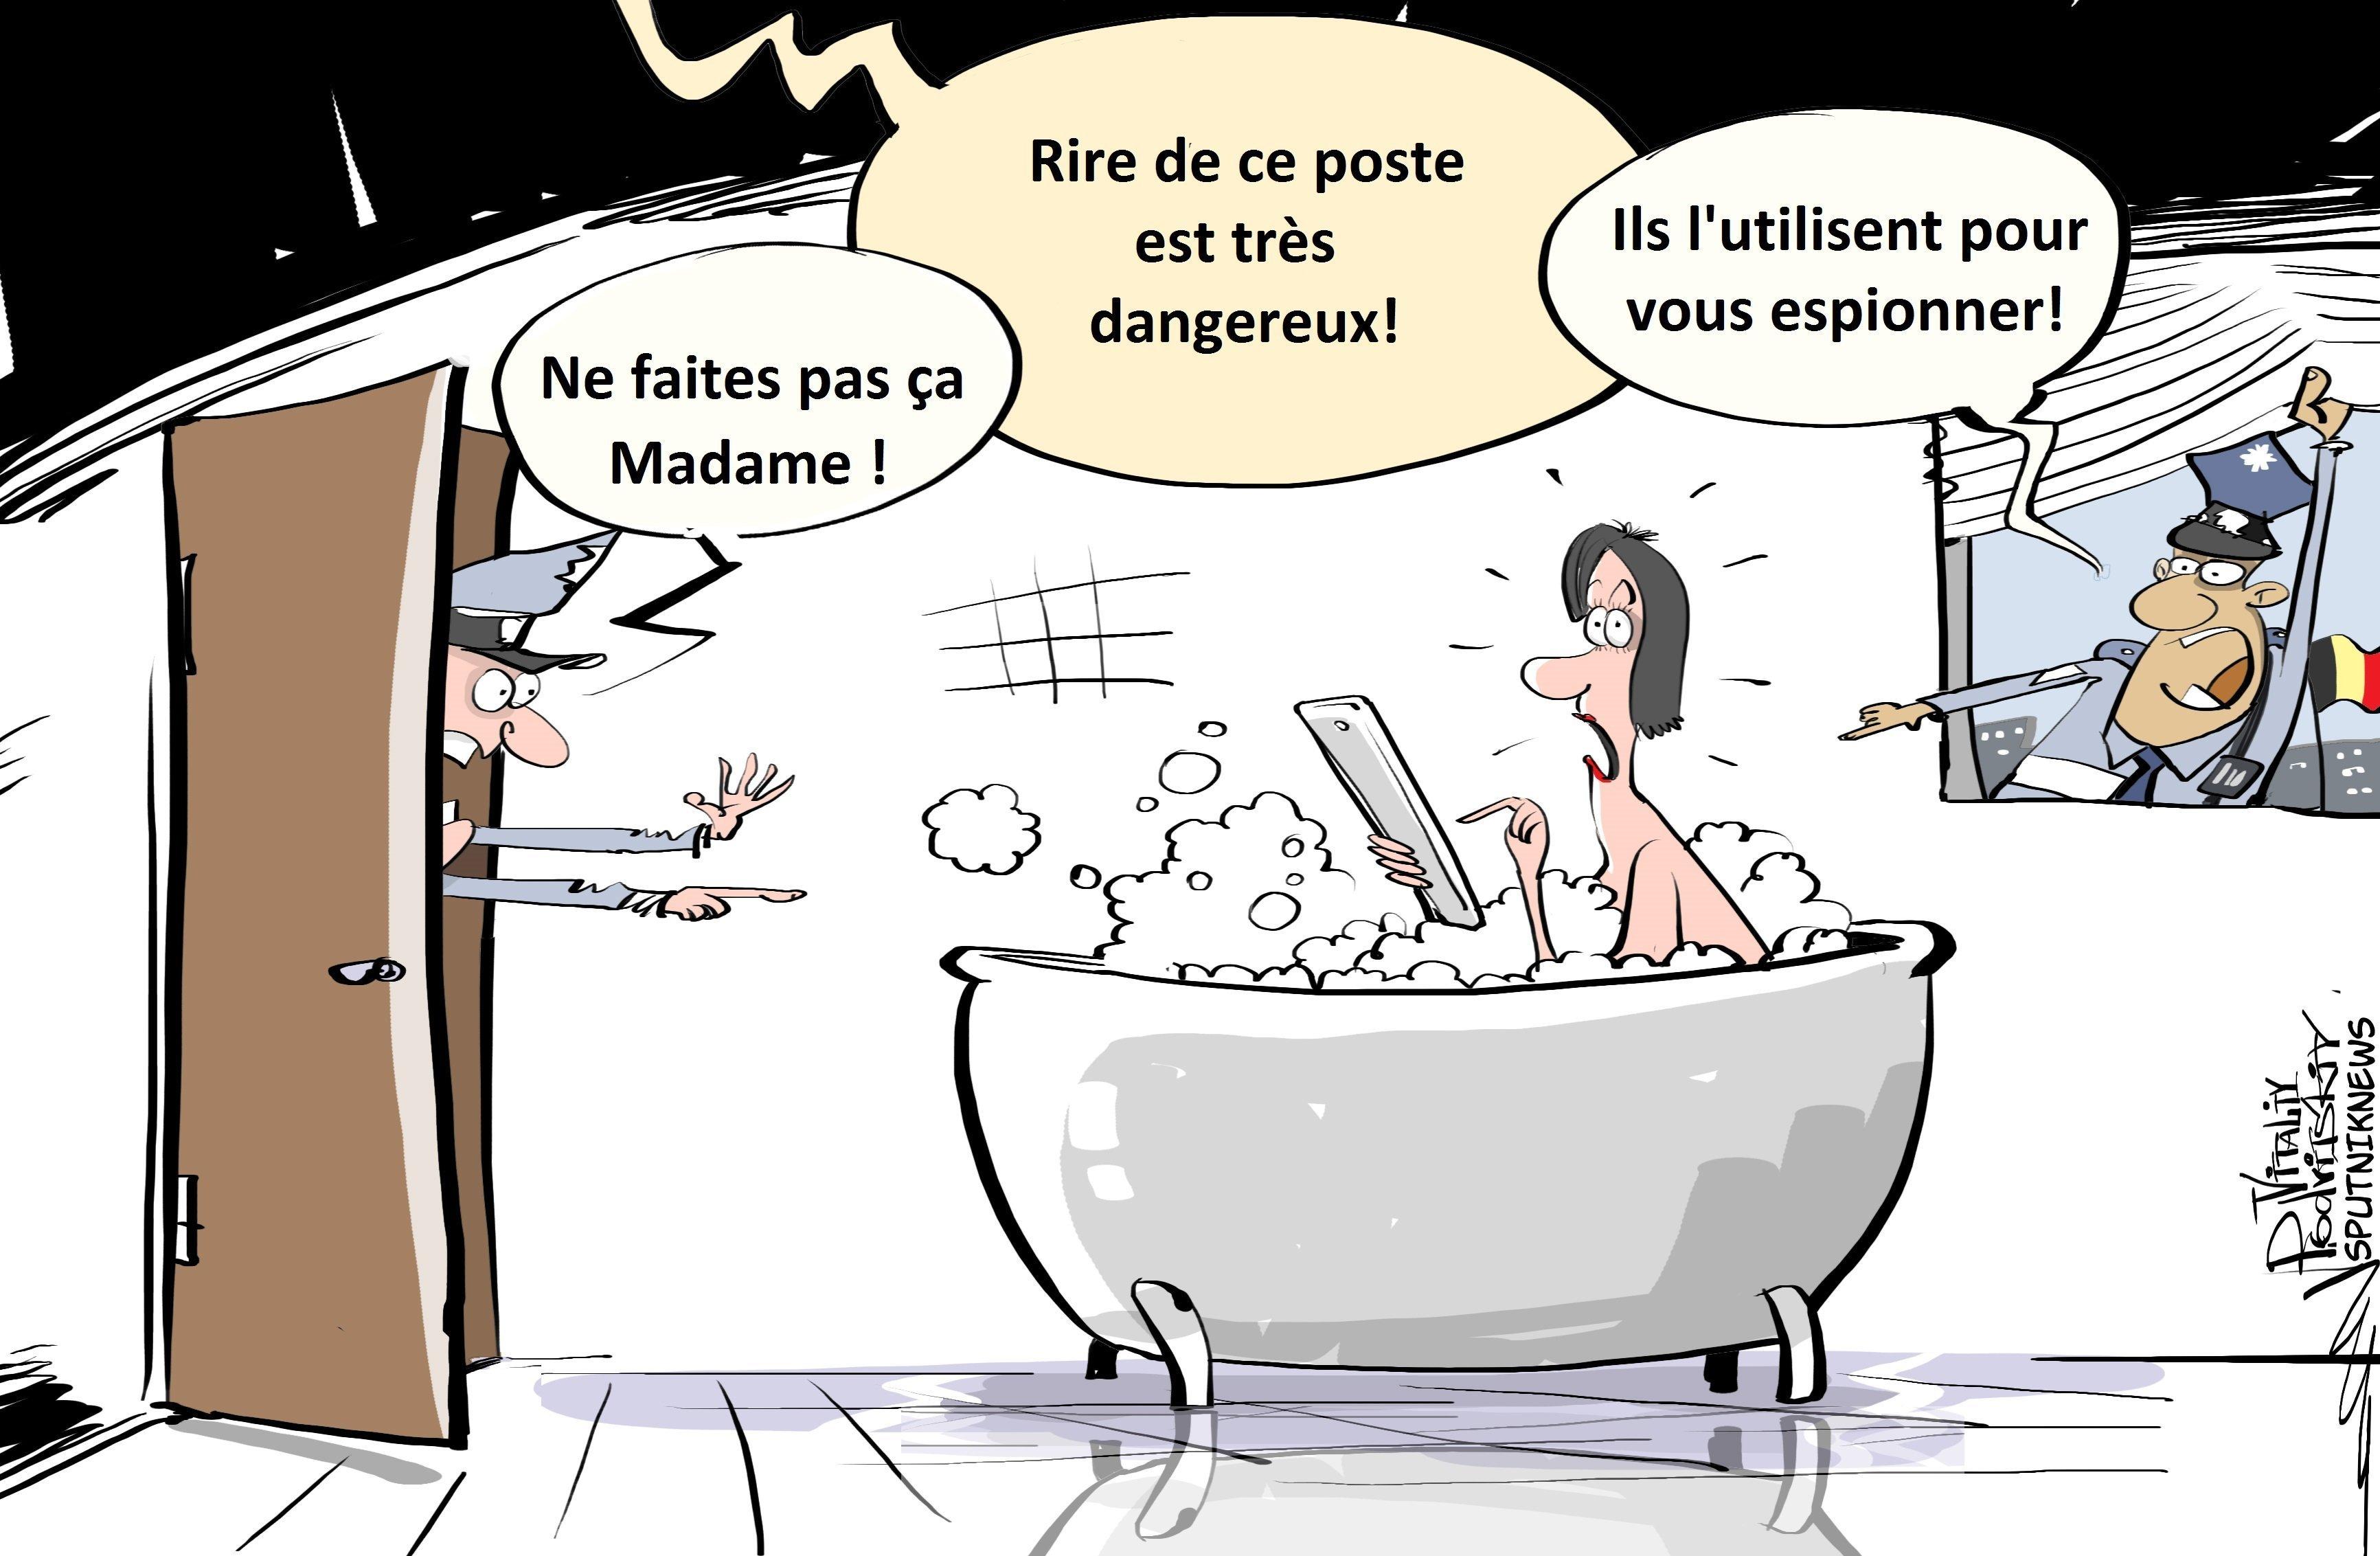 Les réactions sur Facebook, nouvelle intrusion dans votre vie privée!